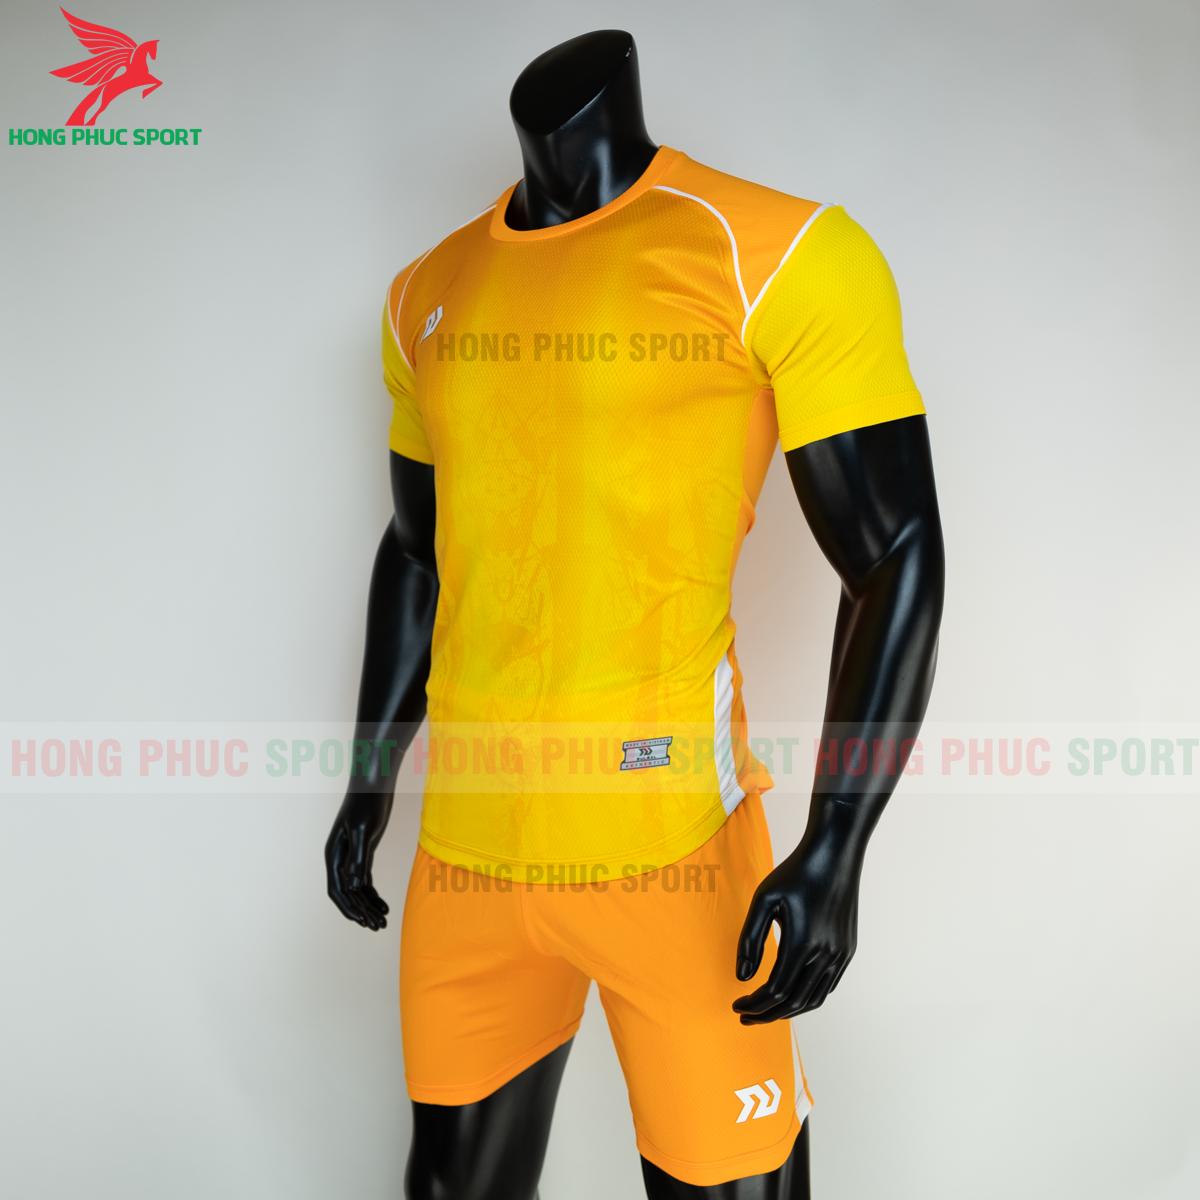 Áo đá banh không logo Bulbal Hades 2021 màu vàng (trái)